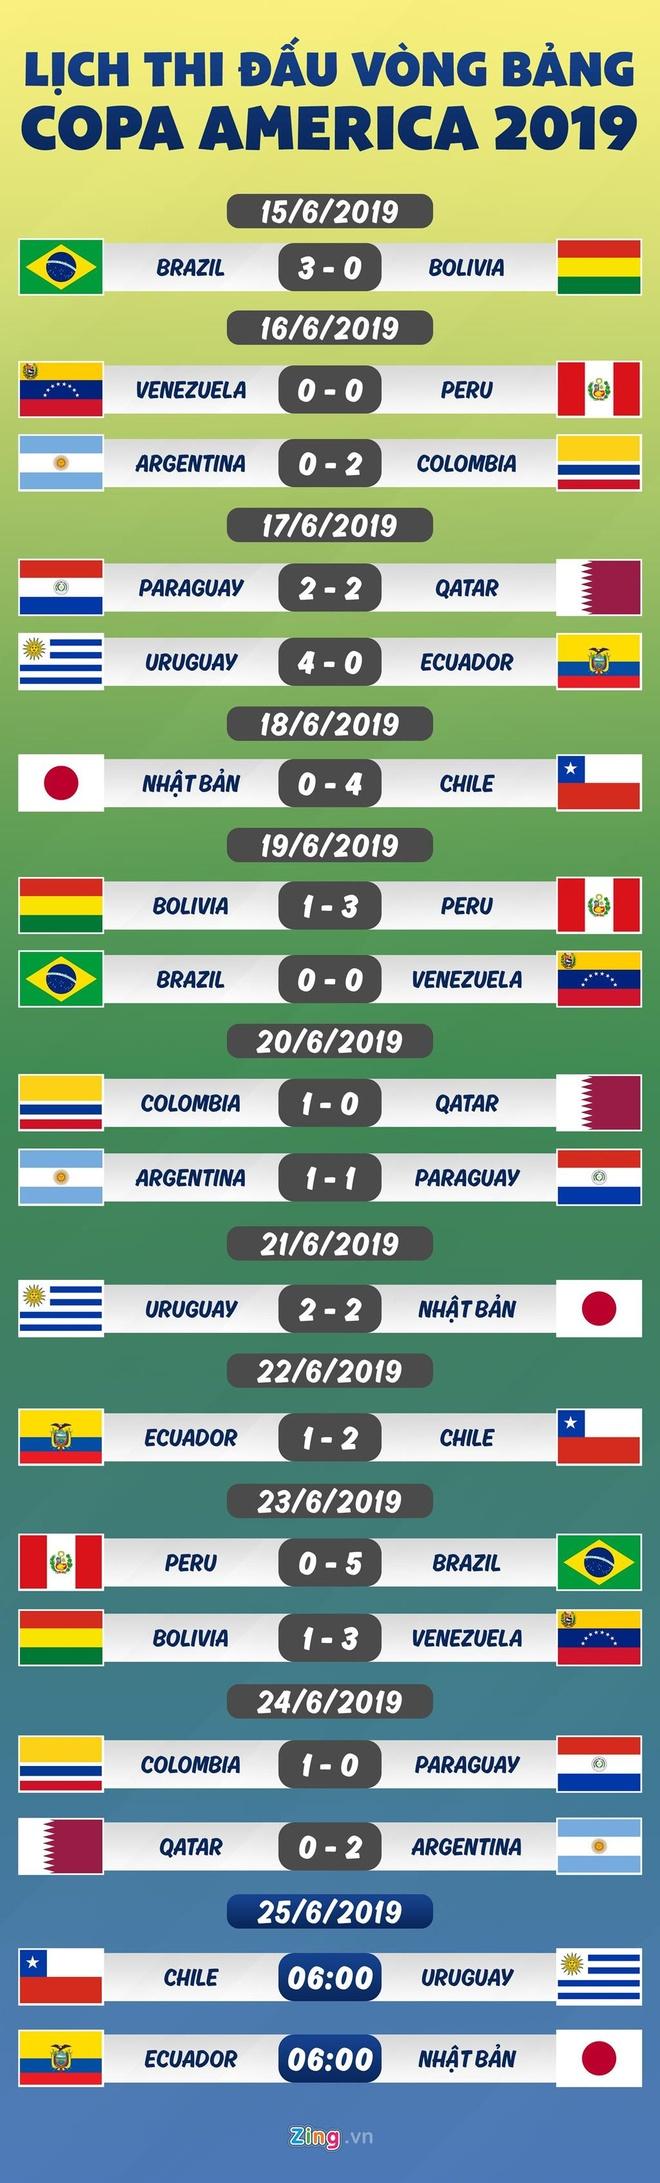 Tan binh Real sang cua da tran quyet dinh o Copa America 2019 hinh anh 2